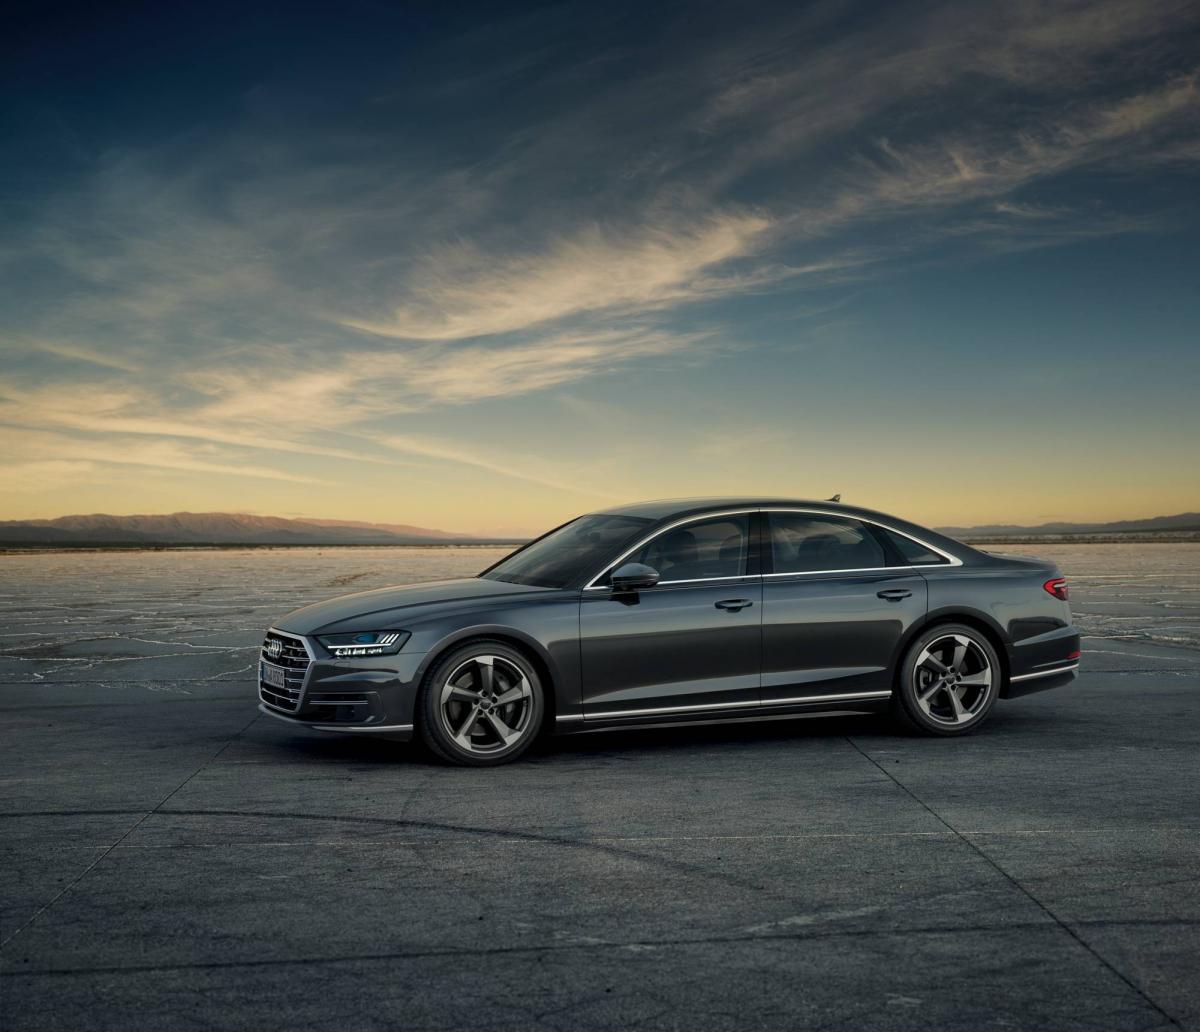 Výrobce vozů Audi z Ingolstadtu se spoléhá na odborné znalosti společnosti Osram Opto Semiconductors v předním osvětlení své nové vlajkové lodi